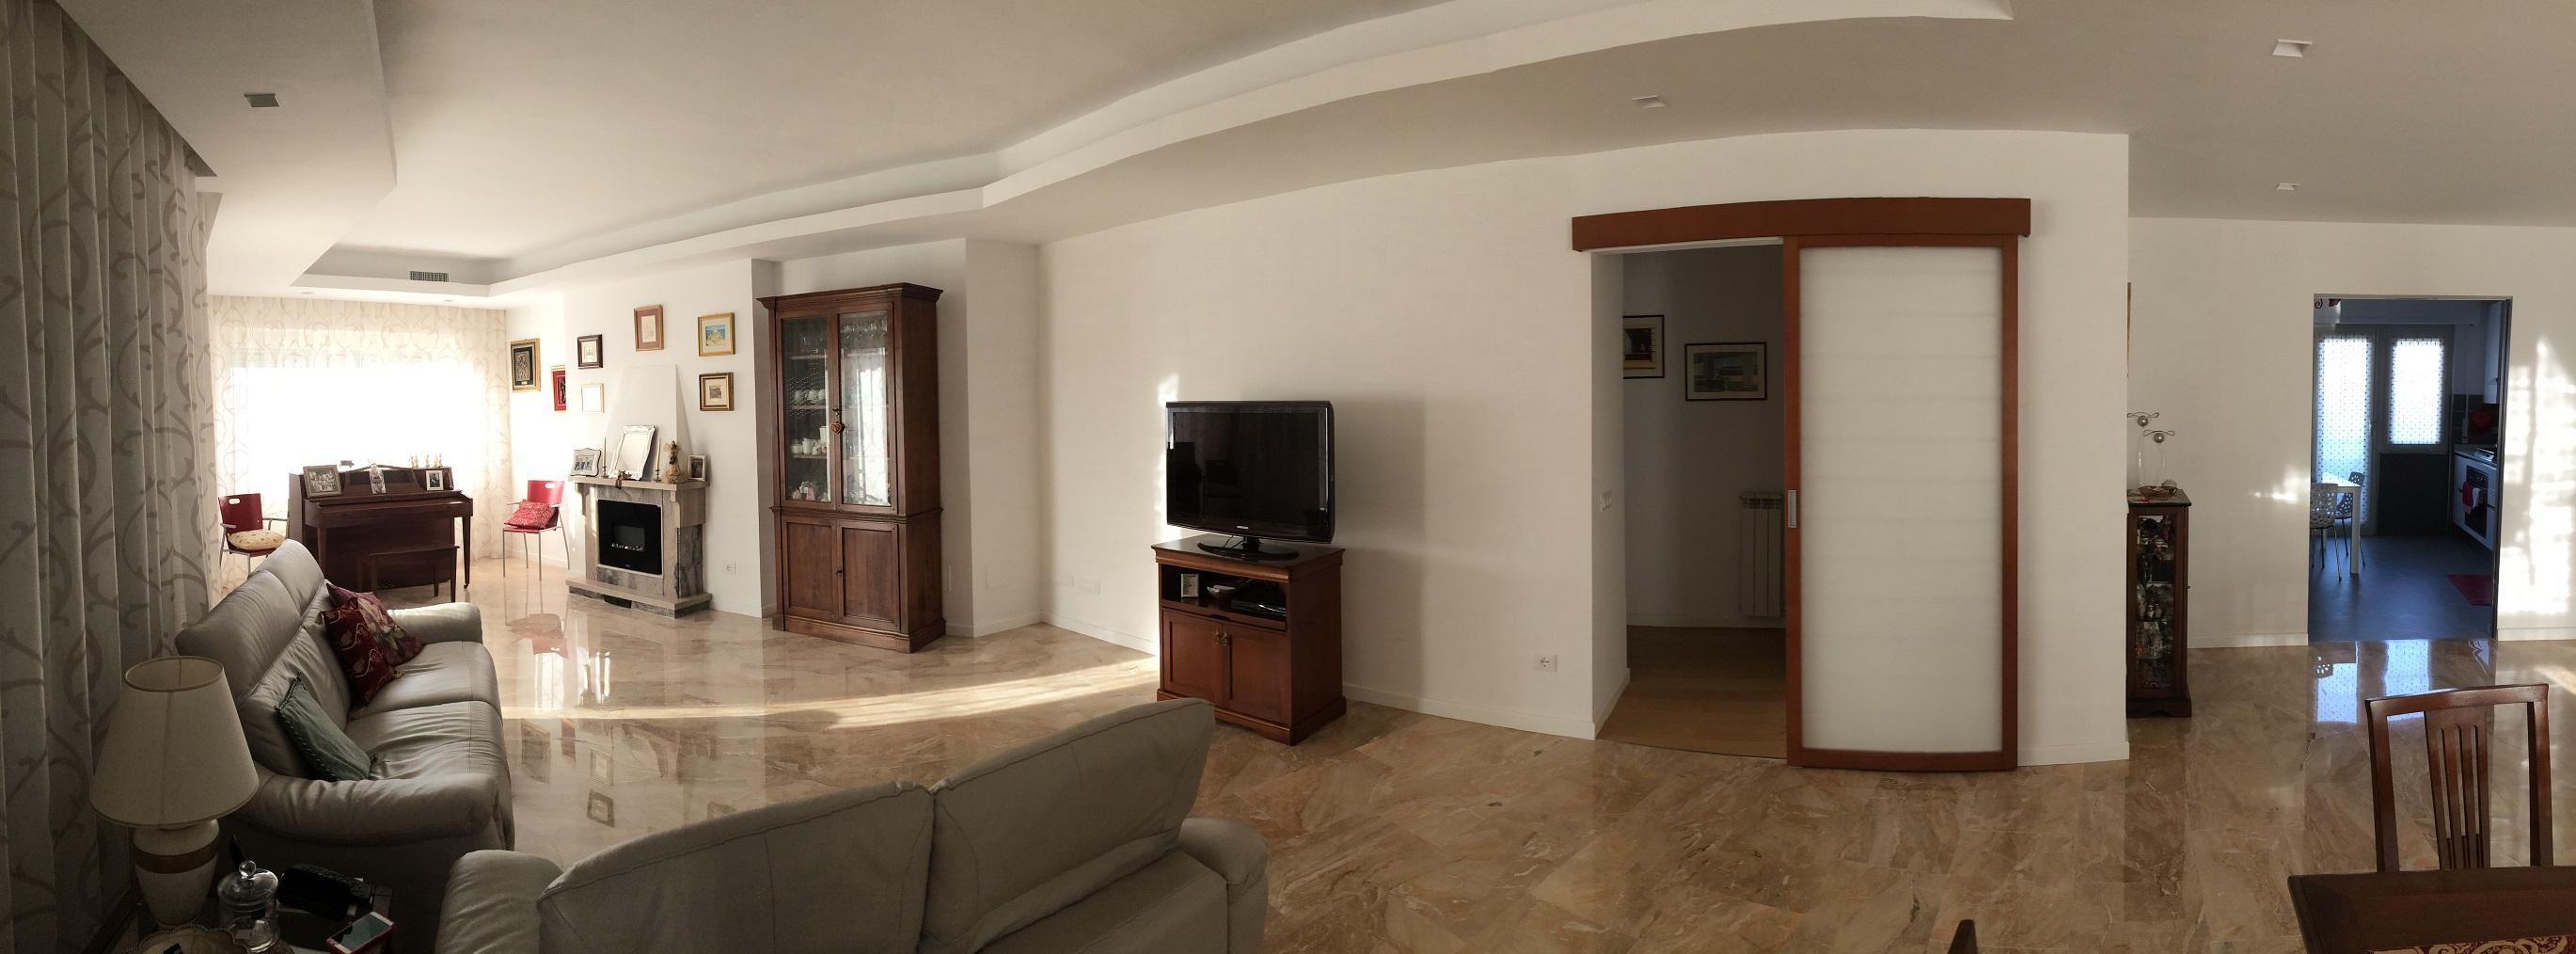 Architetto roma alessio virgili restaurare un for Un aiuola dell appartamento